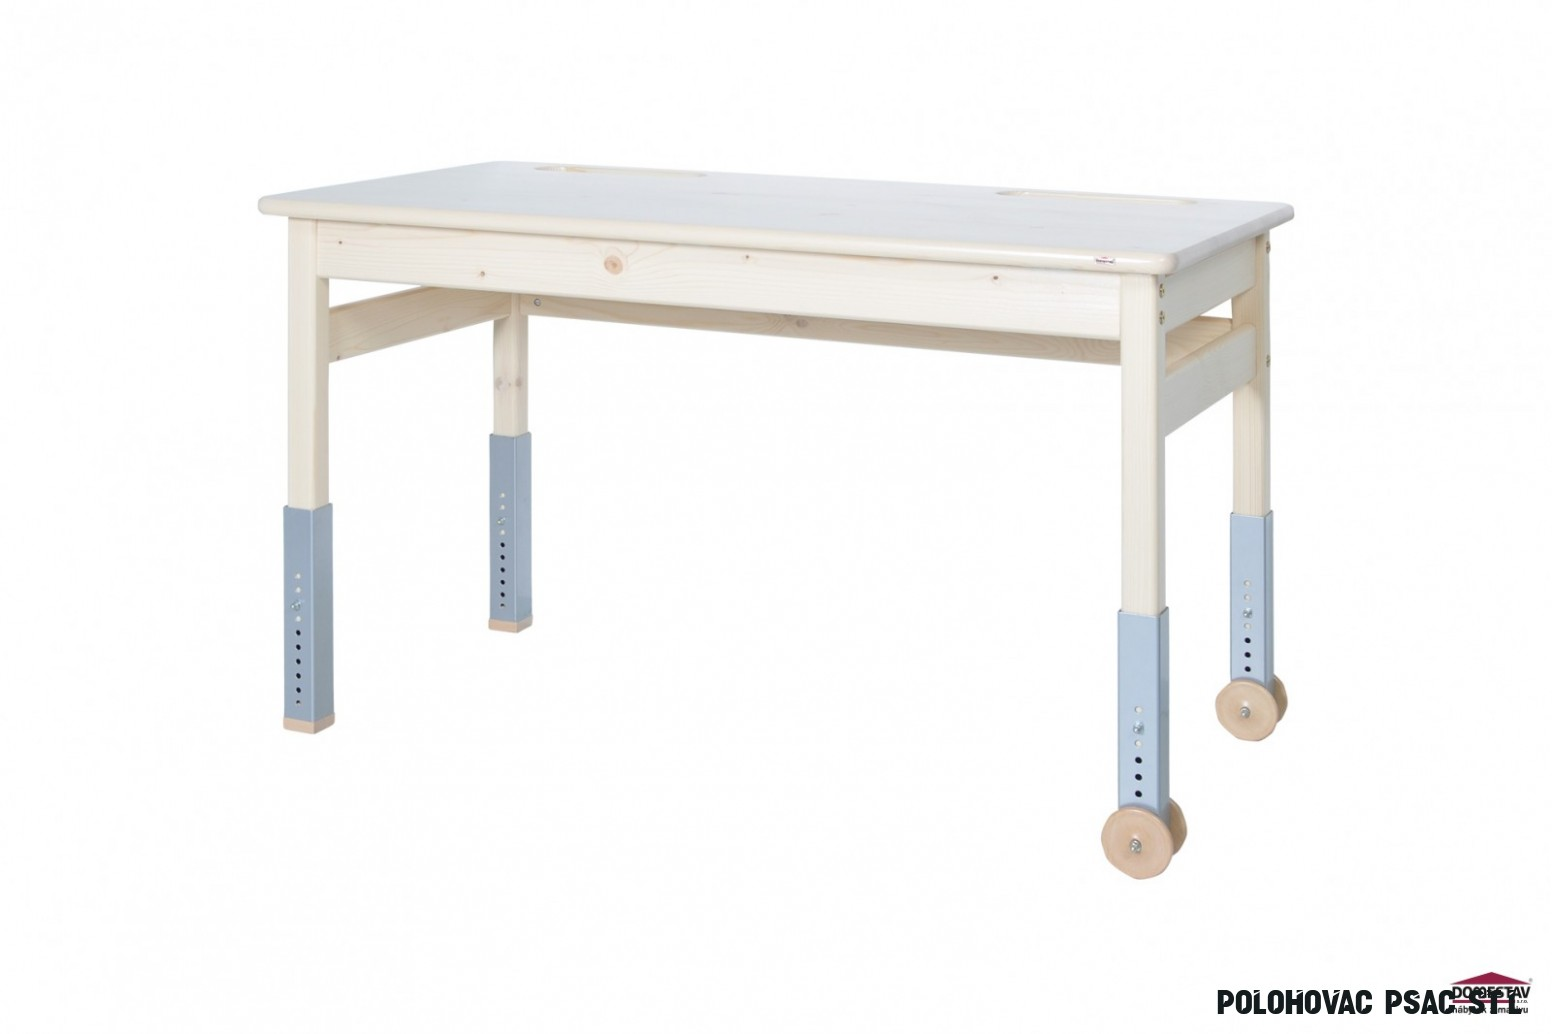 Psací stůl smrk - D11